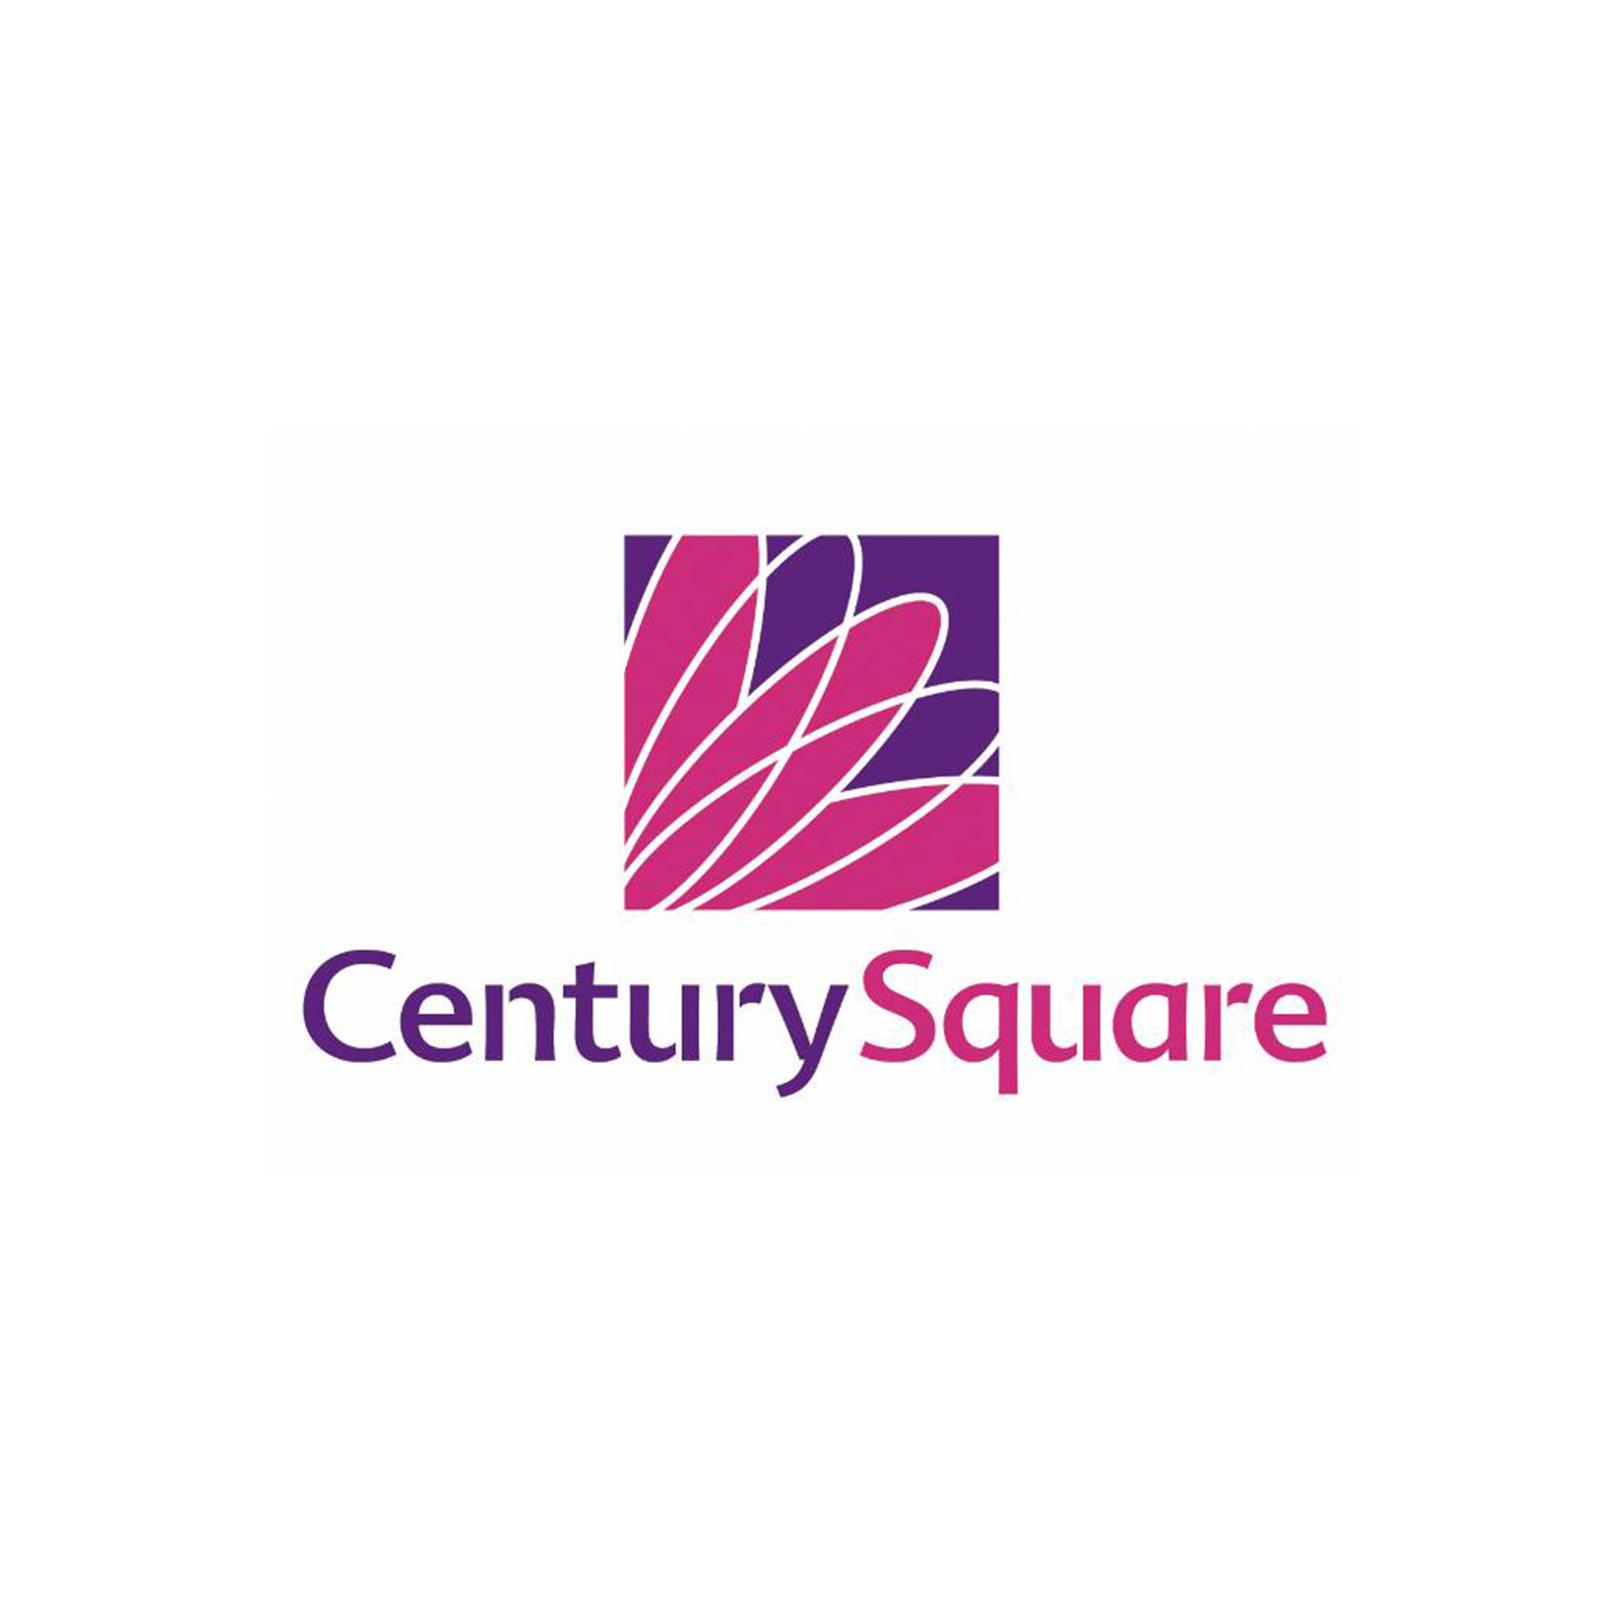 century sq.jpg